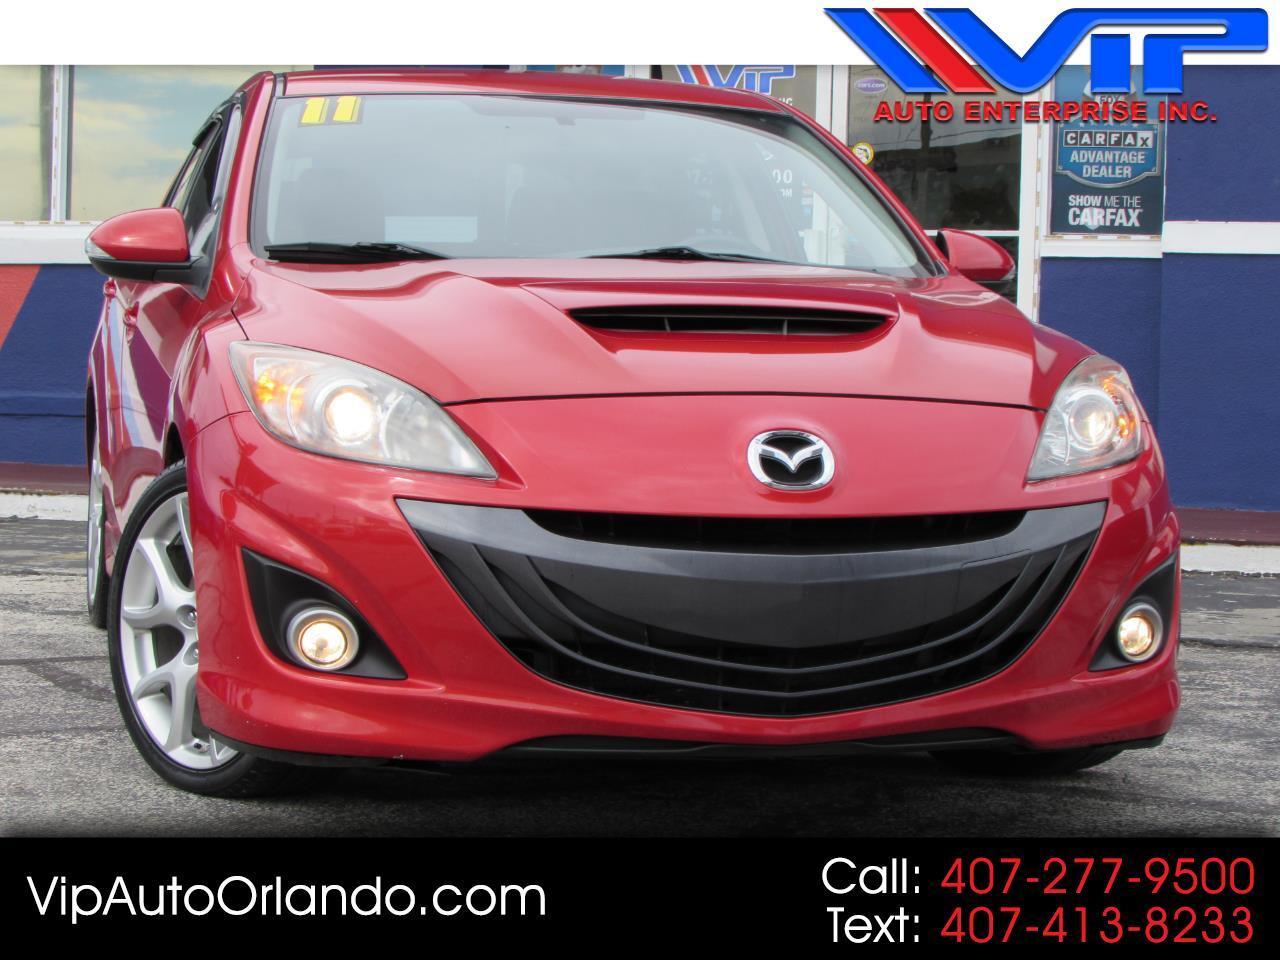 2011 Mazda MAZDA3 5dr HB Man Mazdaspeed3 Sport